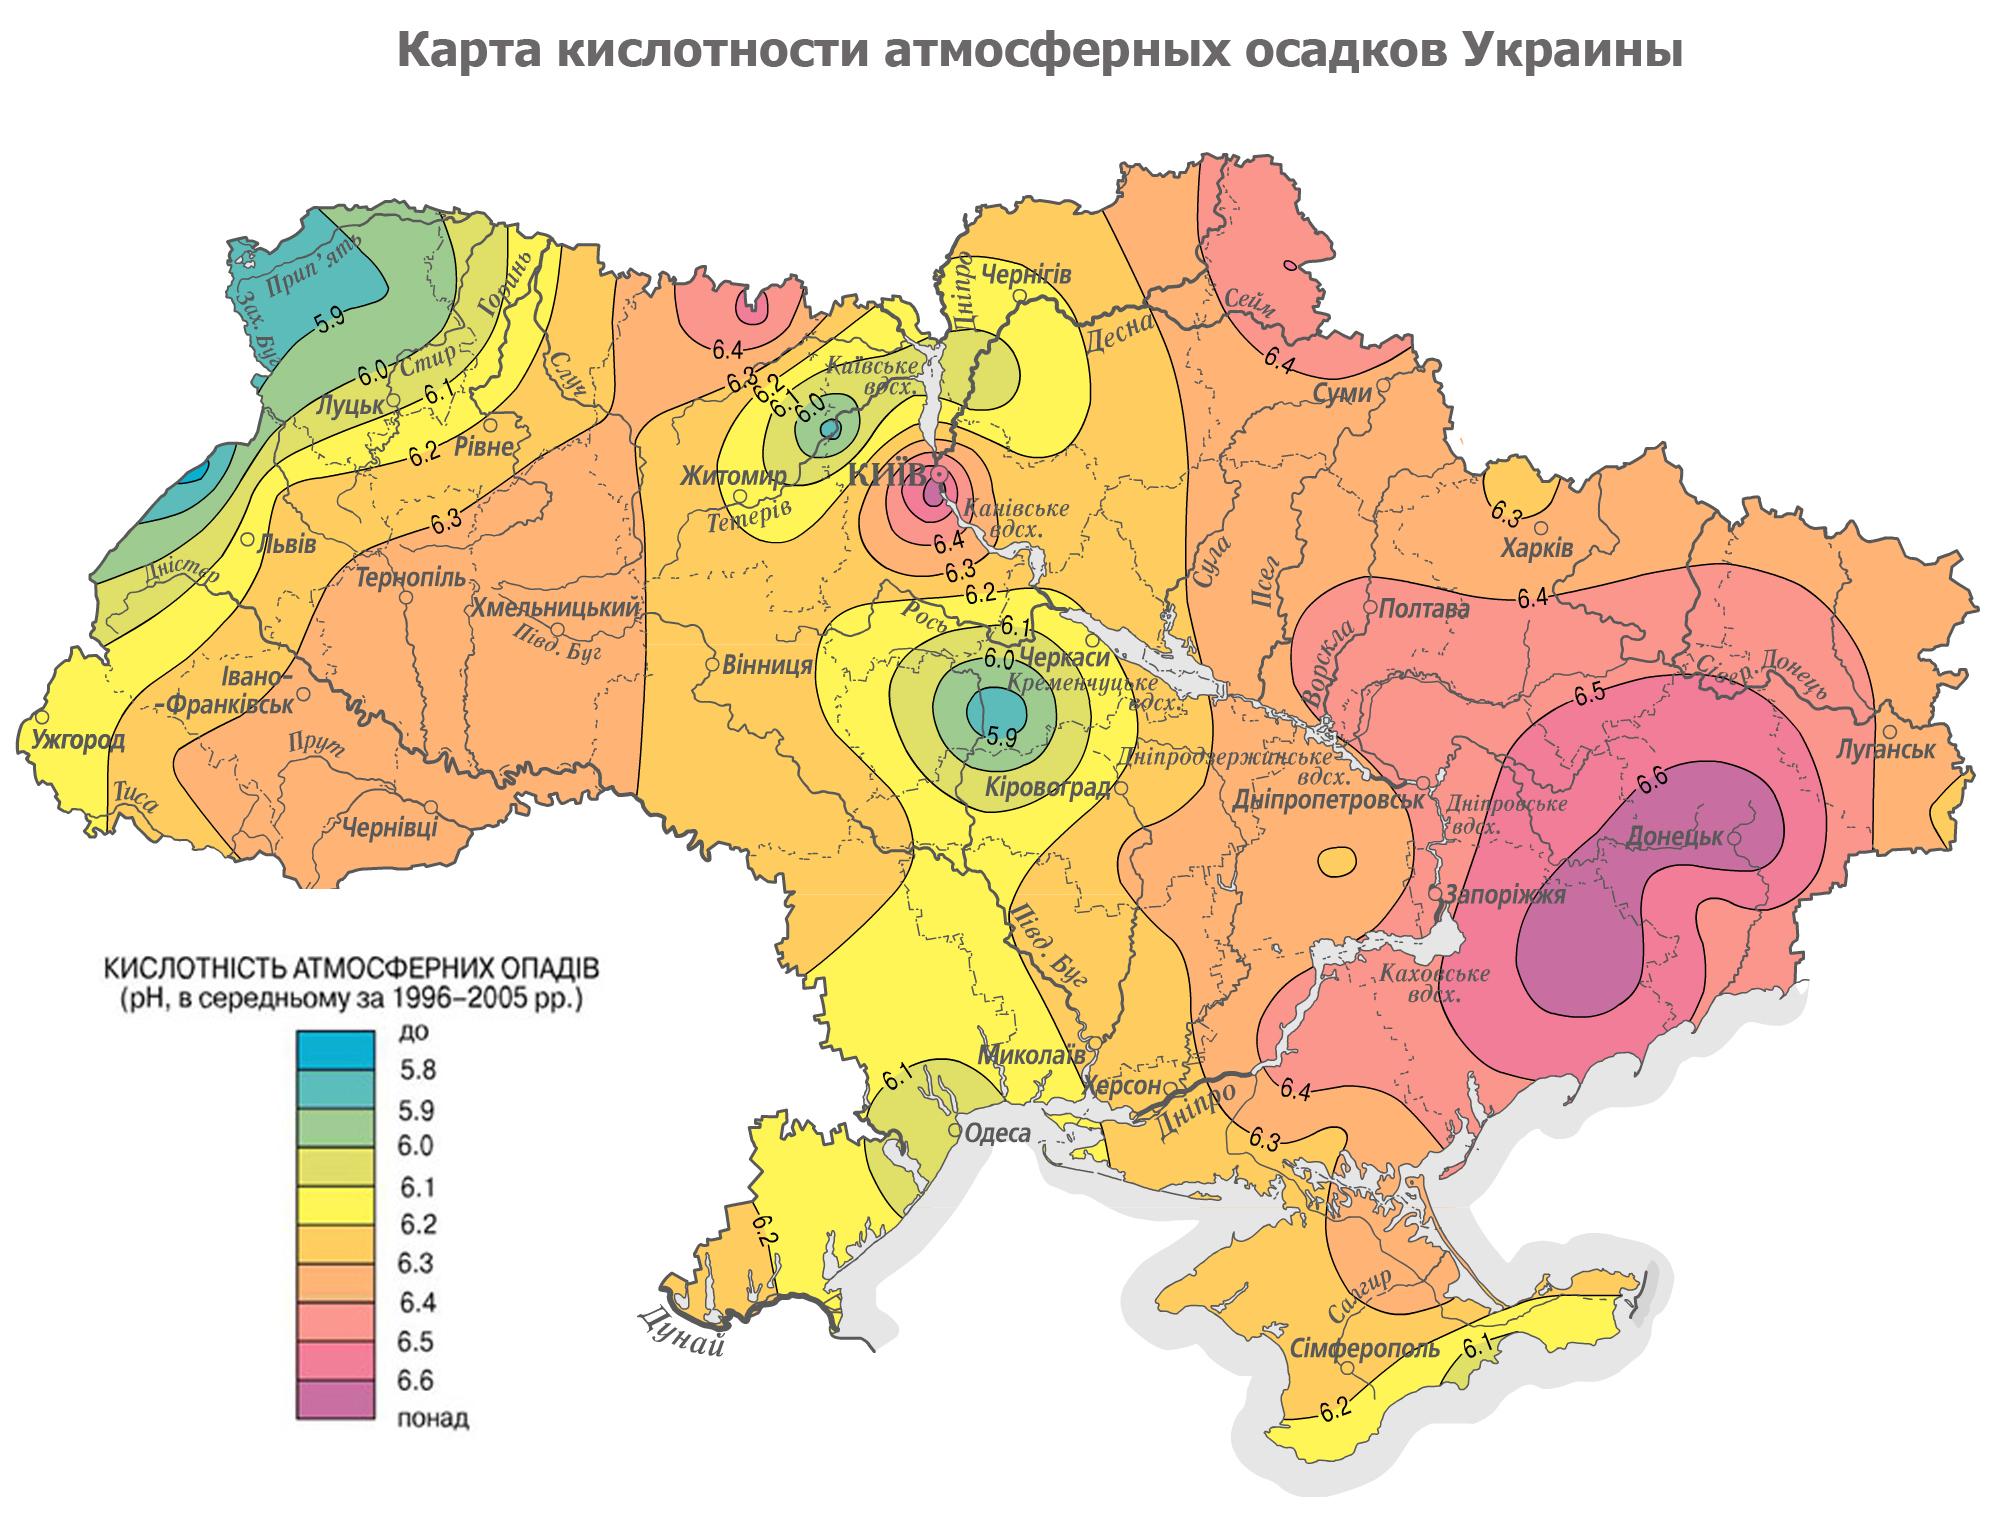 Карта кислотности атмосферных осадков Украины